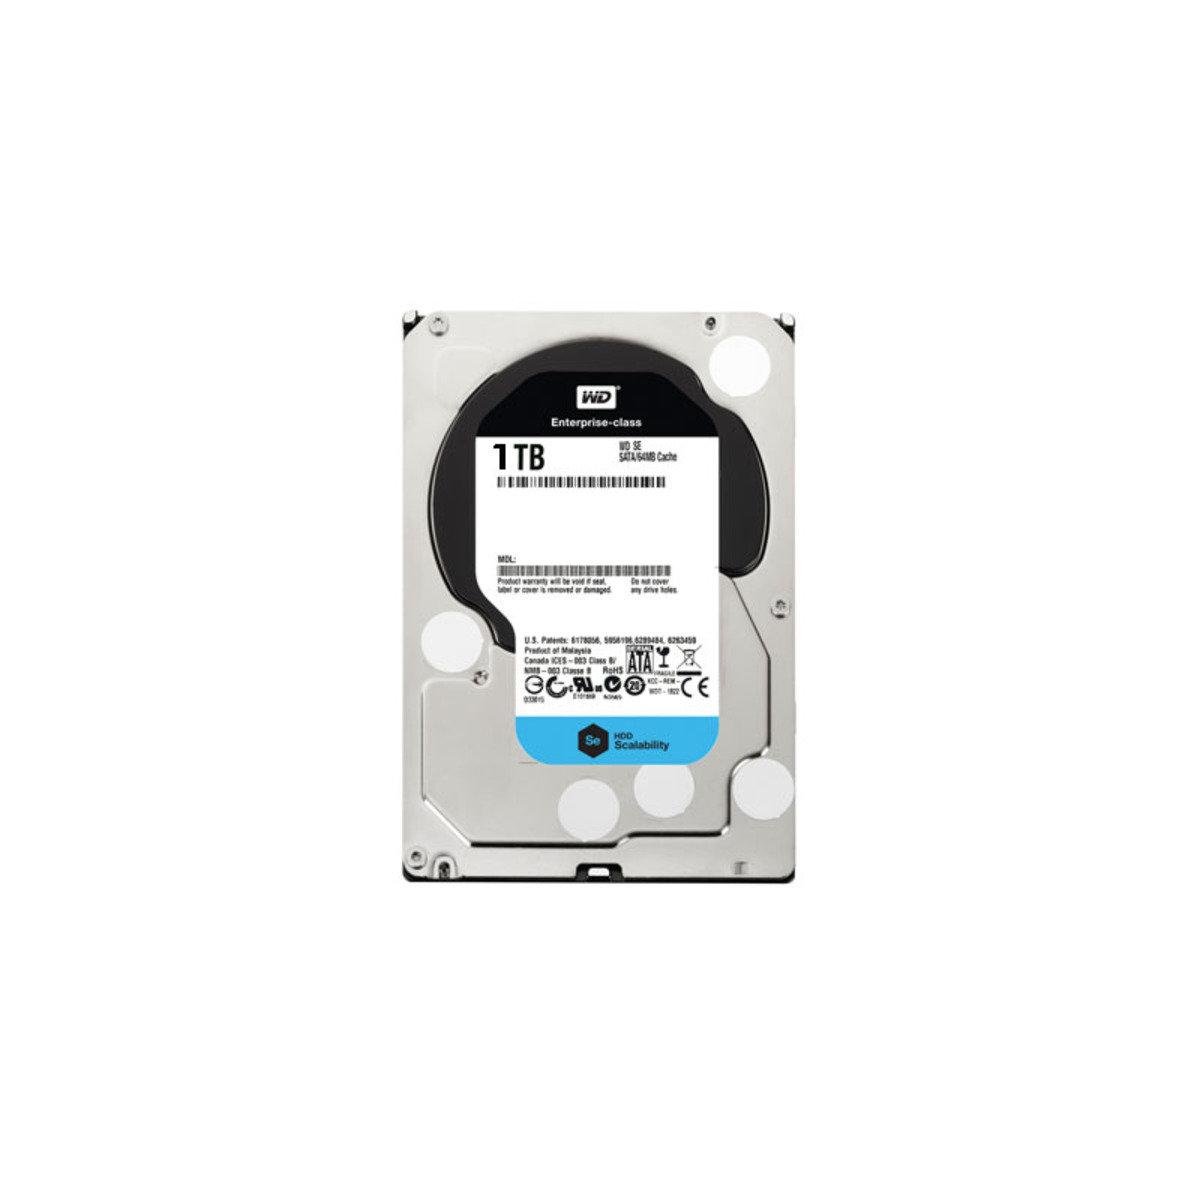 3.5 吋 DataCenter 1TB SATA 內置硬碟 SE WD1002F9YZ